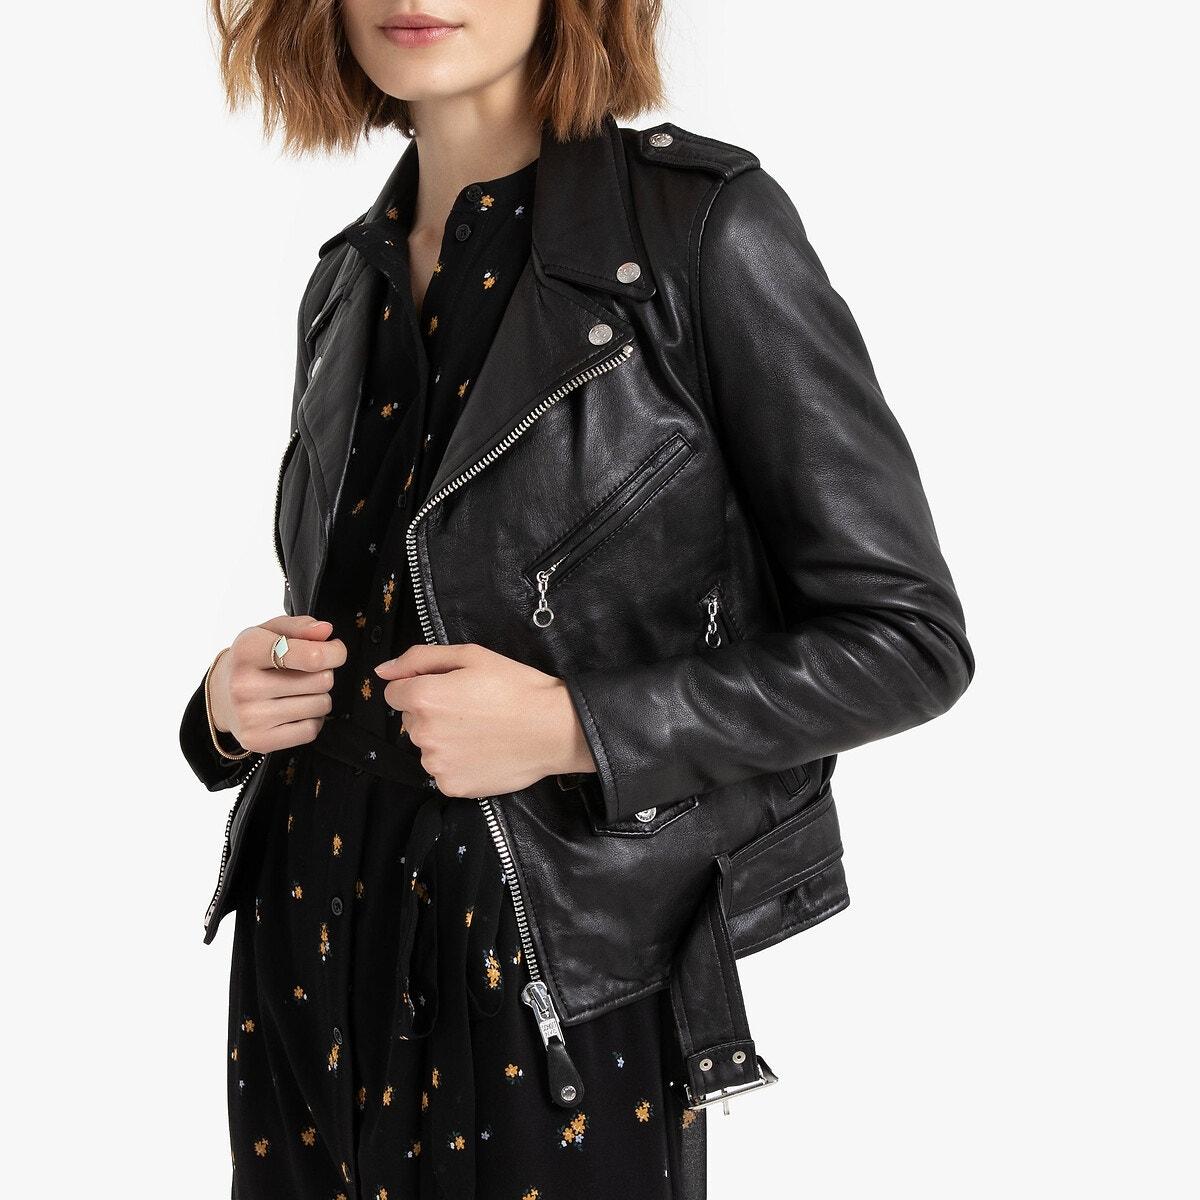 Δερμάτινο biker Jacket Perfecto LCW 8600 γυναικα   πανωφόρια   δερμάτινα